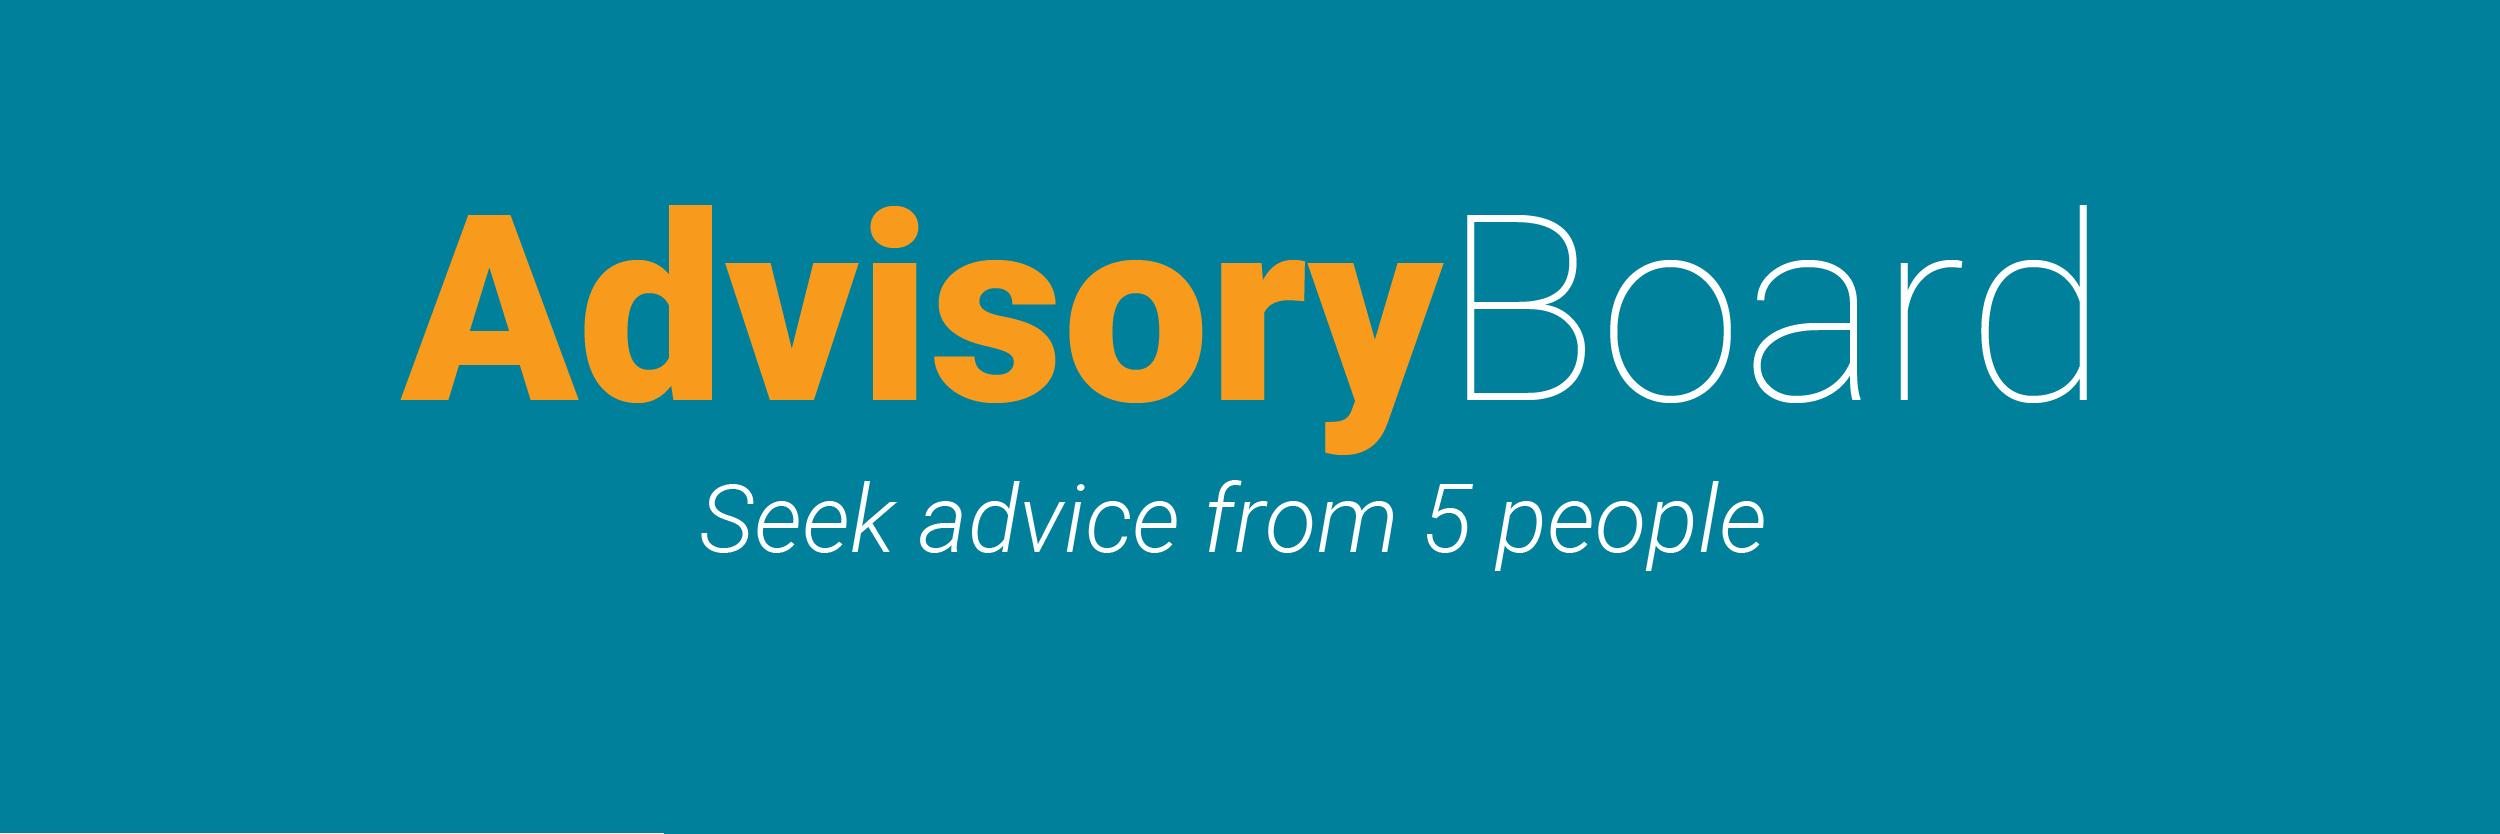 Advisory Board-01